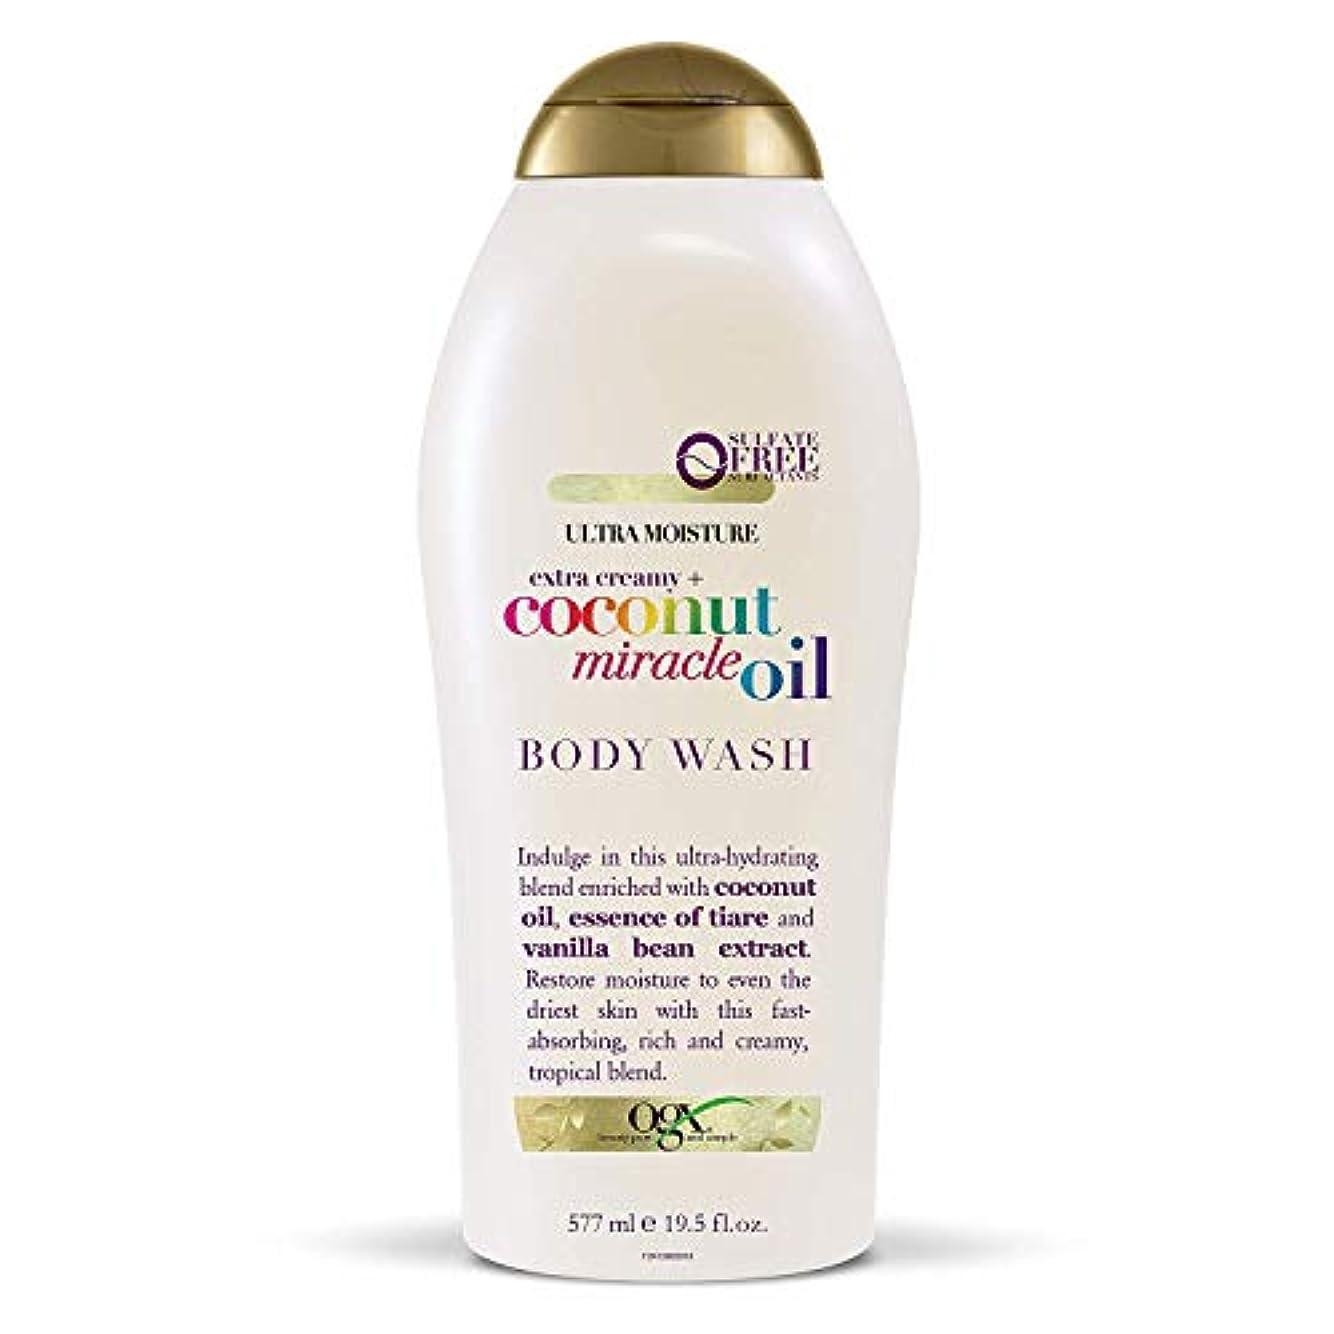 辛な謝る大洪水Ogx Body Wash Coconut Miracle Oil Extra Strength 19.5oz OGX ココナッツミラクルオイル エクストラストレングス ボディウォッシュ 577ml [並行輸入品]